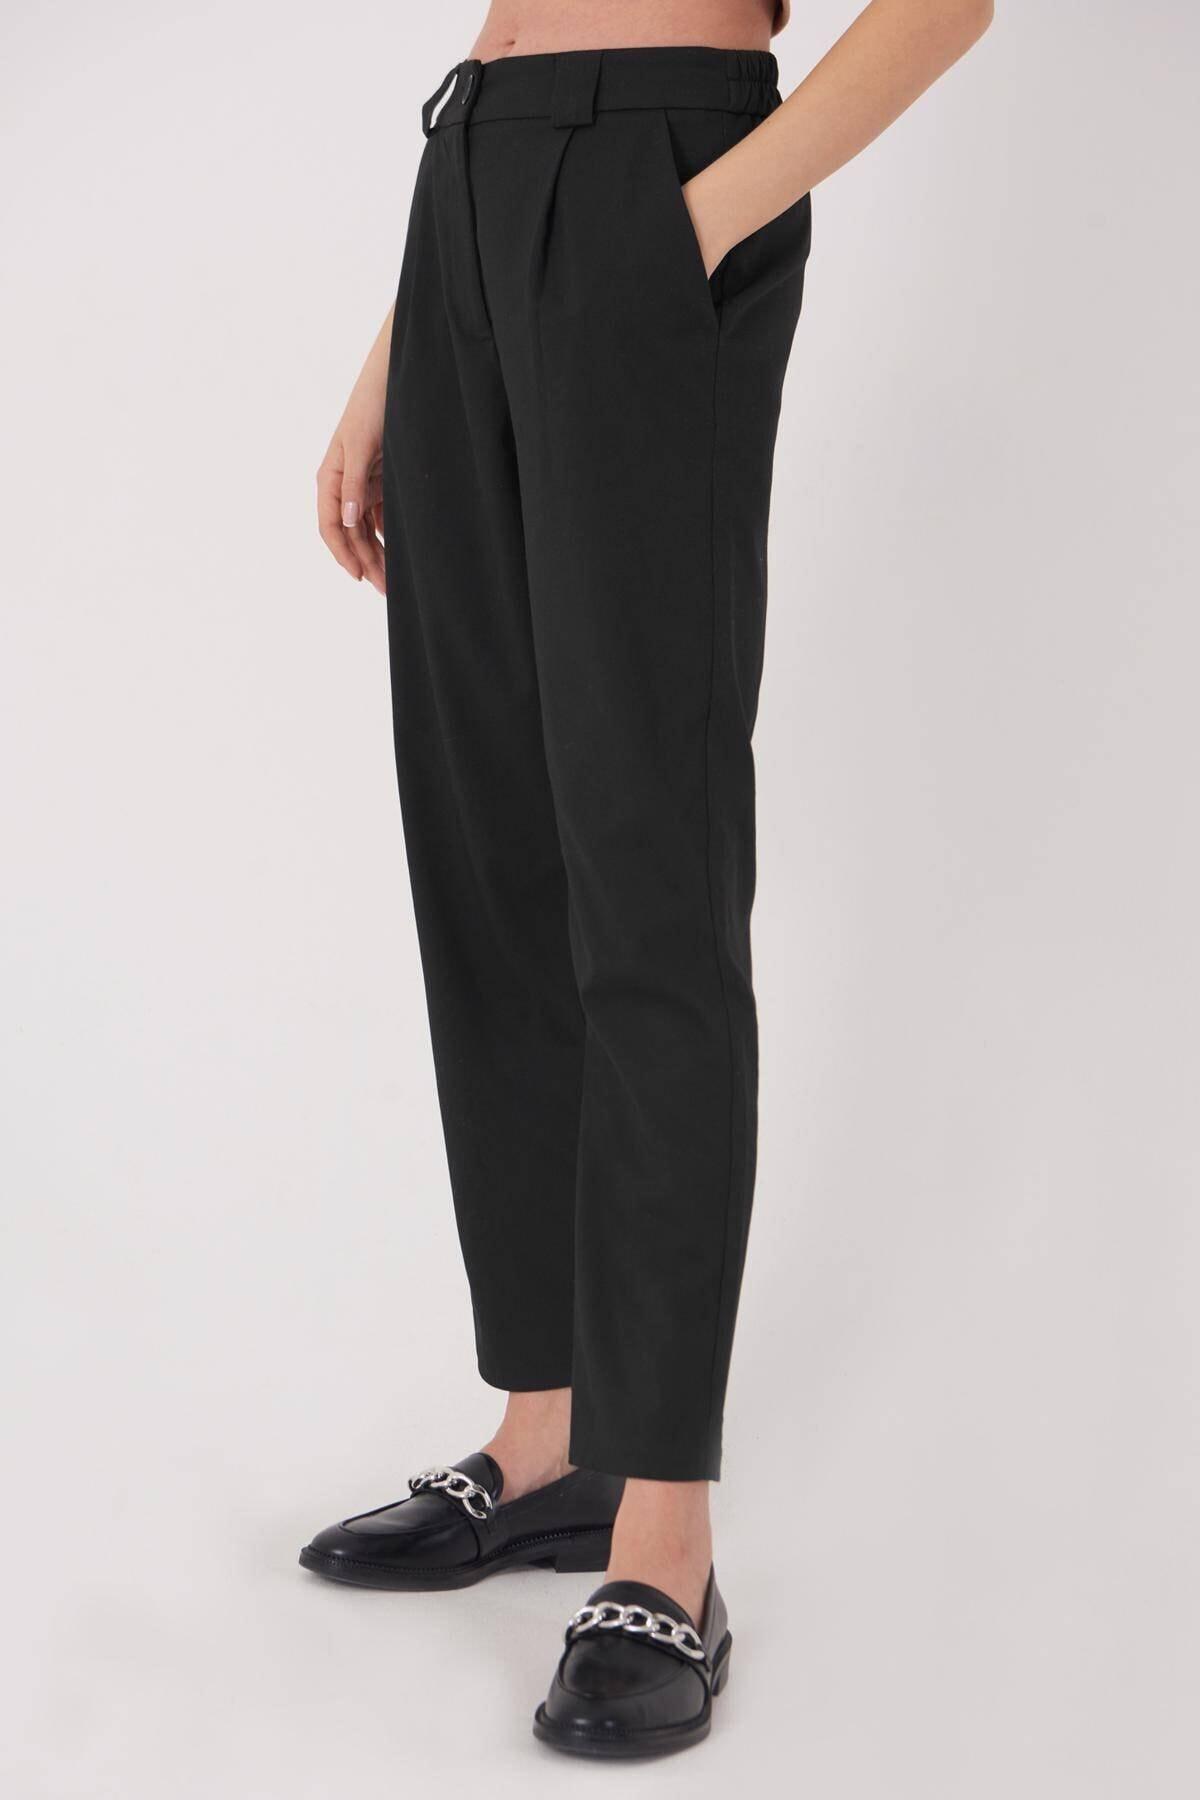 Addax Kadın Siyah Cep Detaylı Pantolon Pn8096 - E6 Adx-0000023579 1